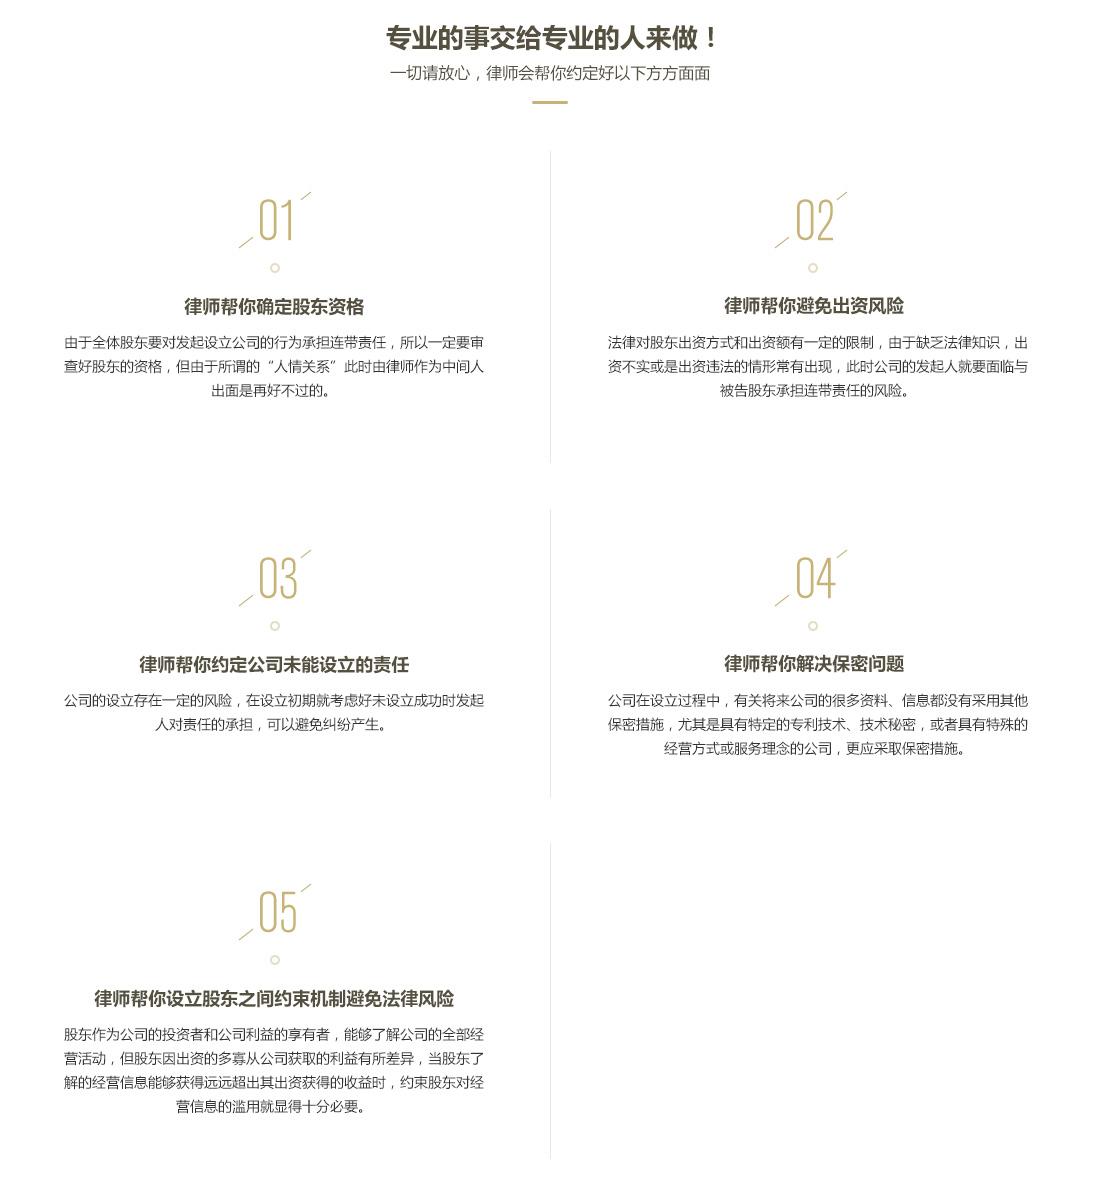 PC-服务介绍04